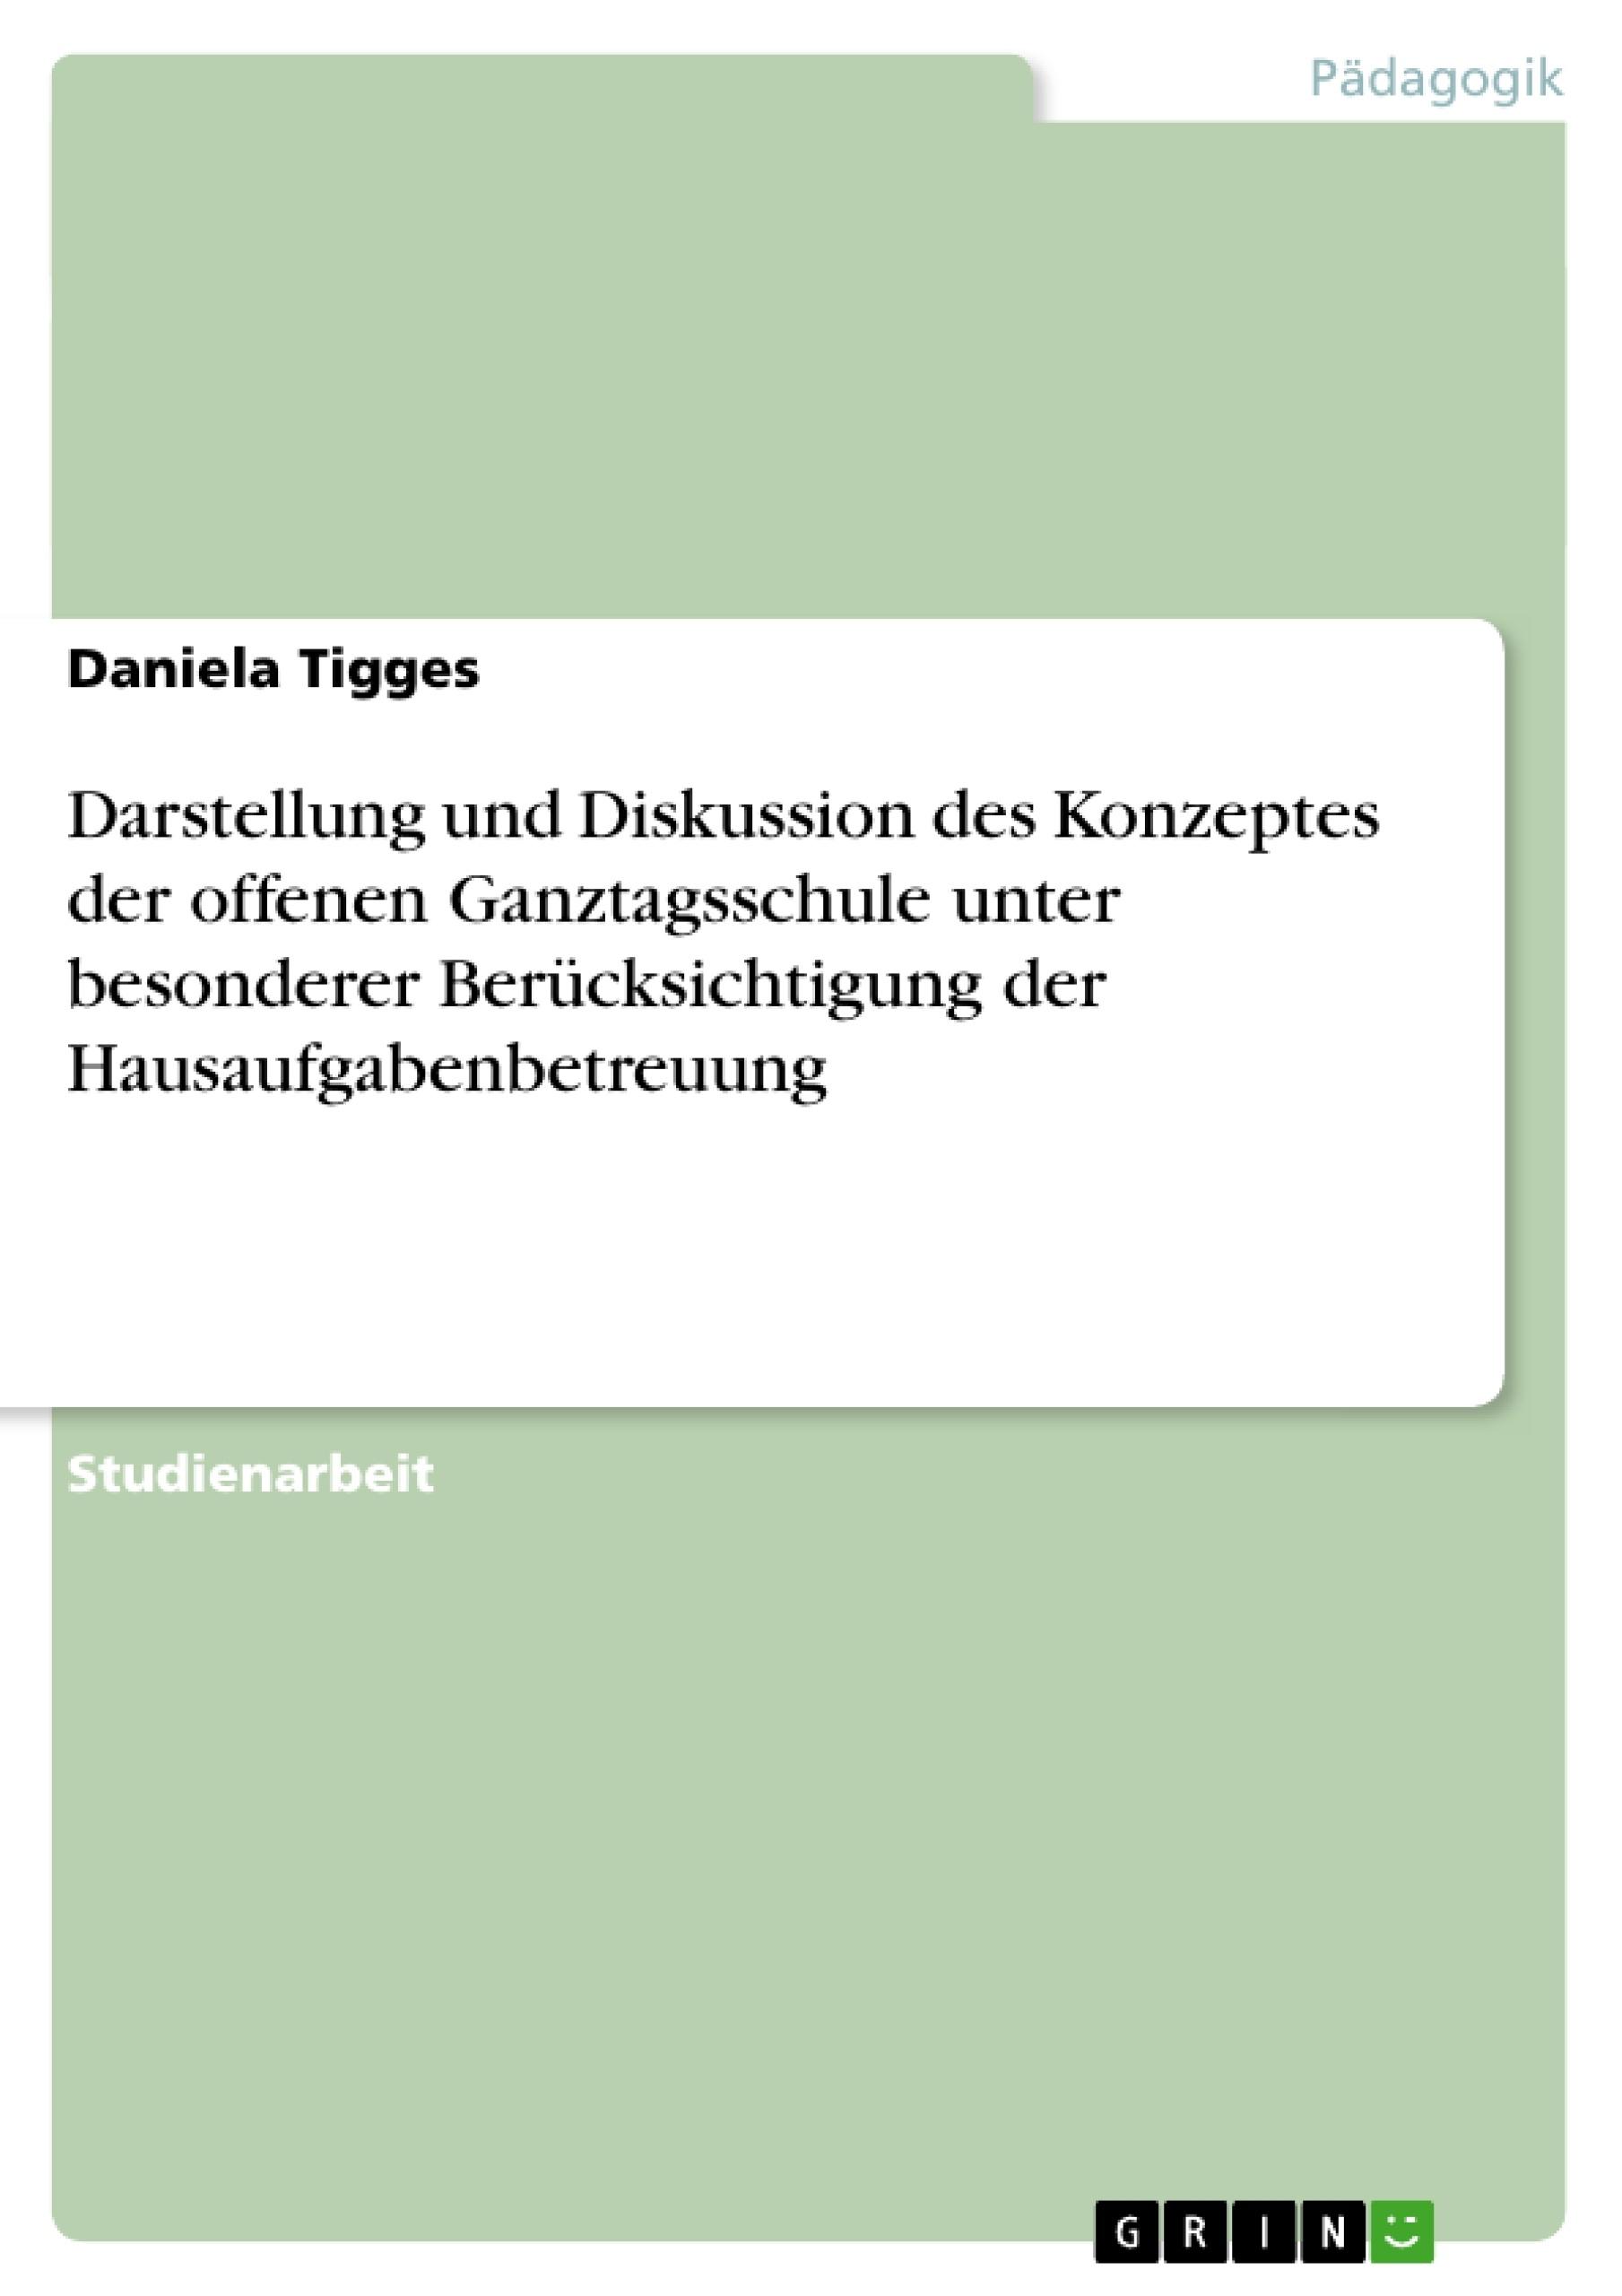 Titel: Darstellung und Diskussion des Konzeptes der offenen Ganztagsschule unter besonderer Berücksichtigung der Hausaufgabenbetreuung